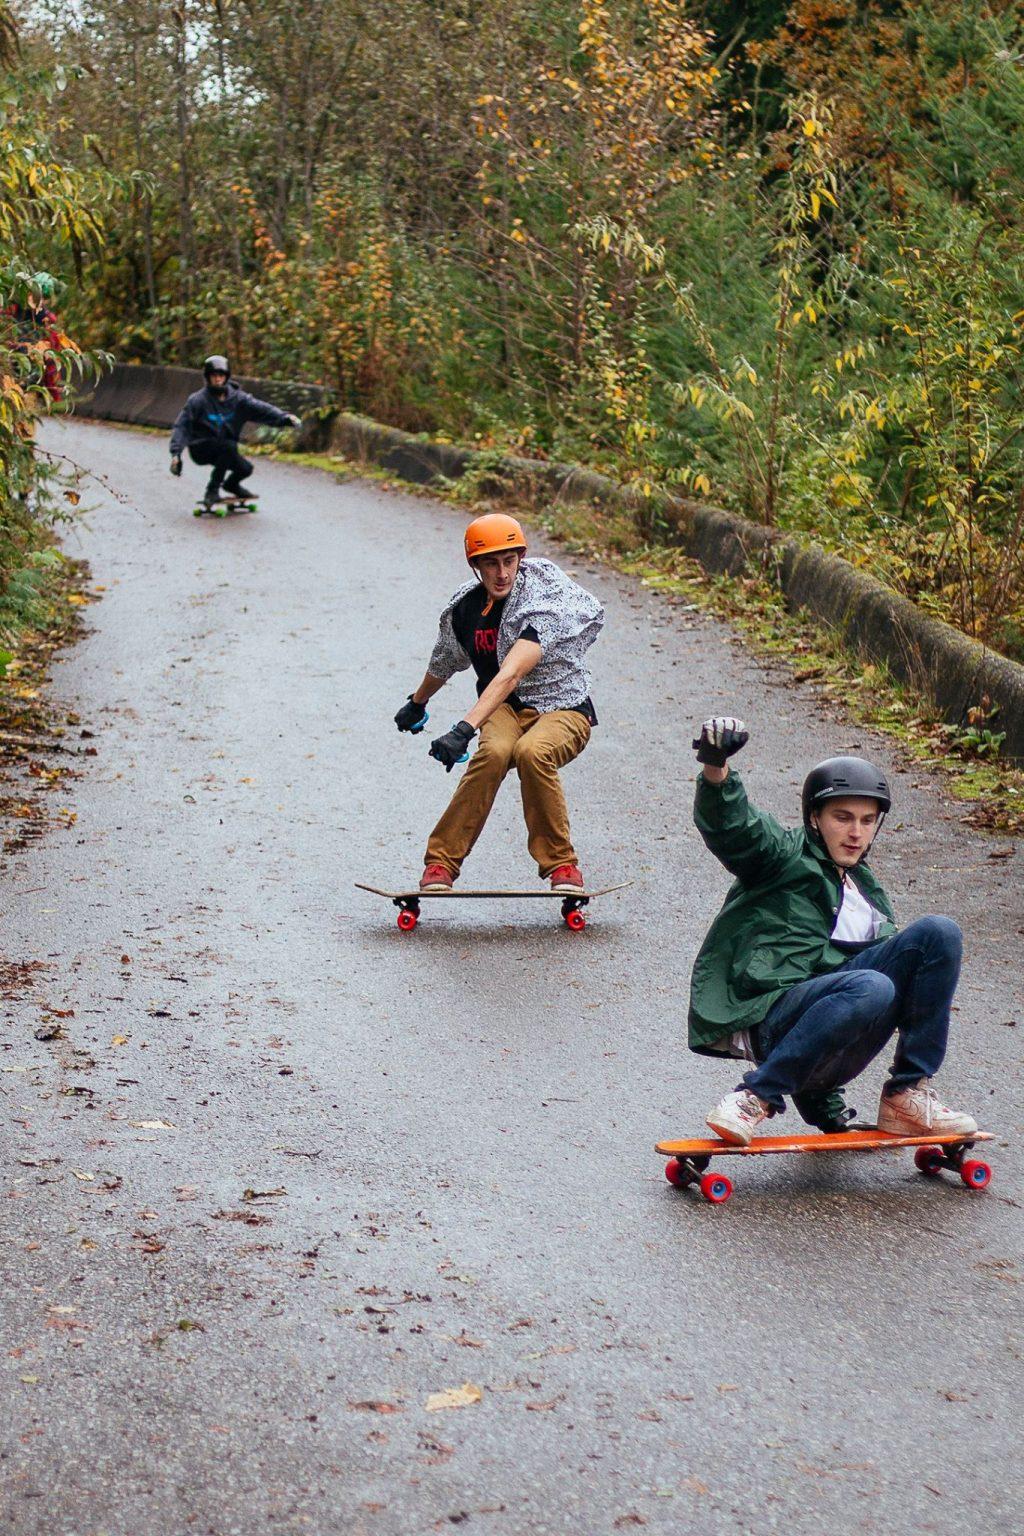 24-sam-galus-flatspot-longboards-valhalla-skateboards-higway-jam-highwayjamx-sho-ouellette-sho-stopper-longboarding